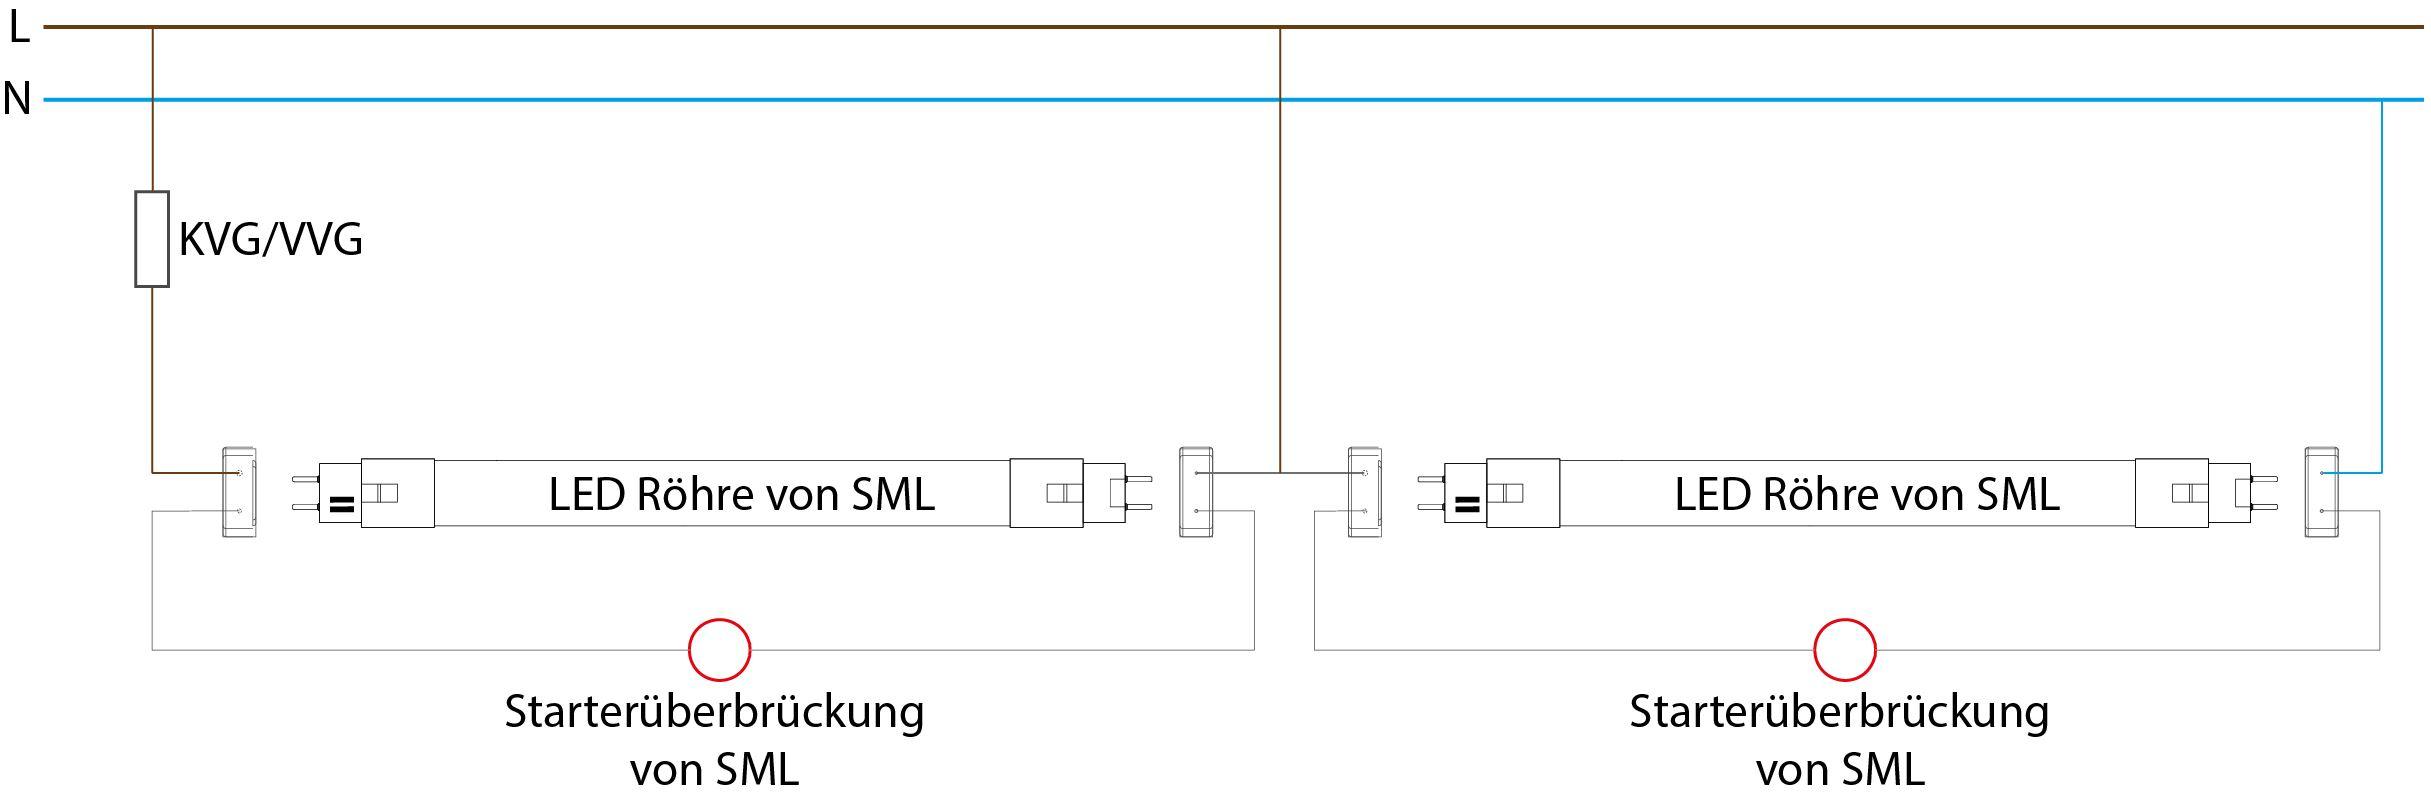 Umrüstung Anschluss einer Leuchte mit Duoschaltung mit VVG oder KVG auf LED Röhre von SML